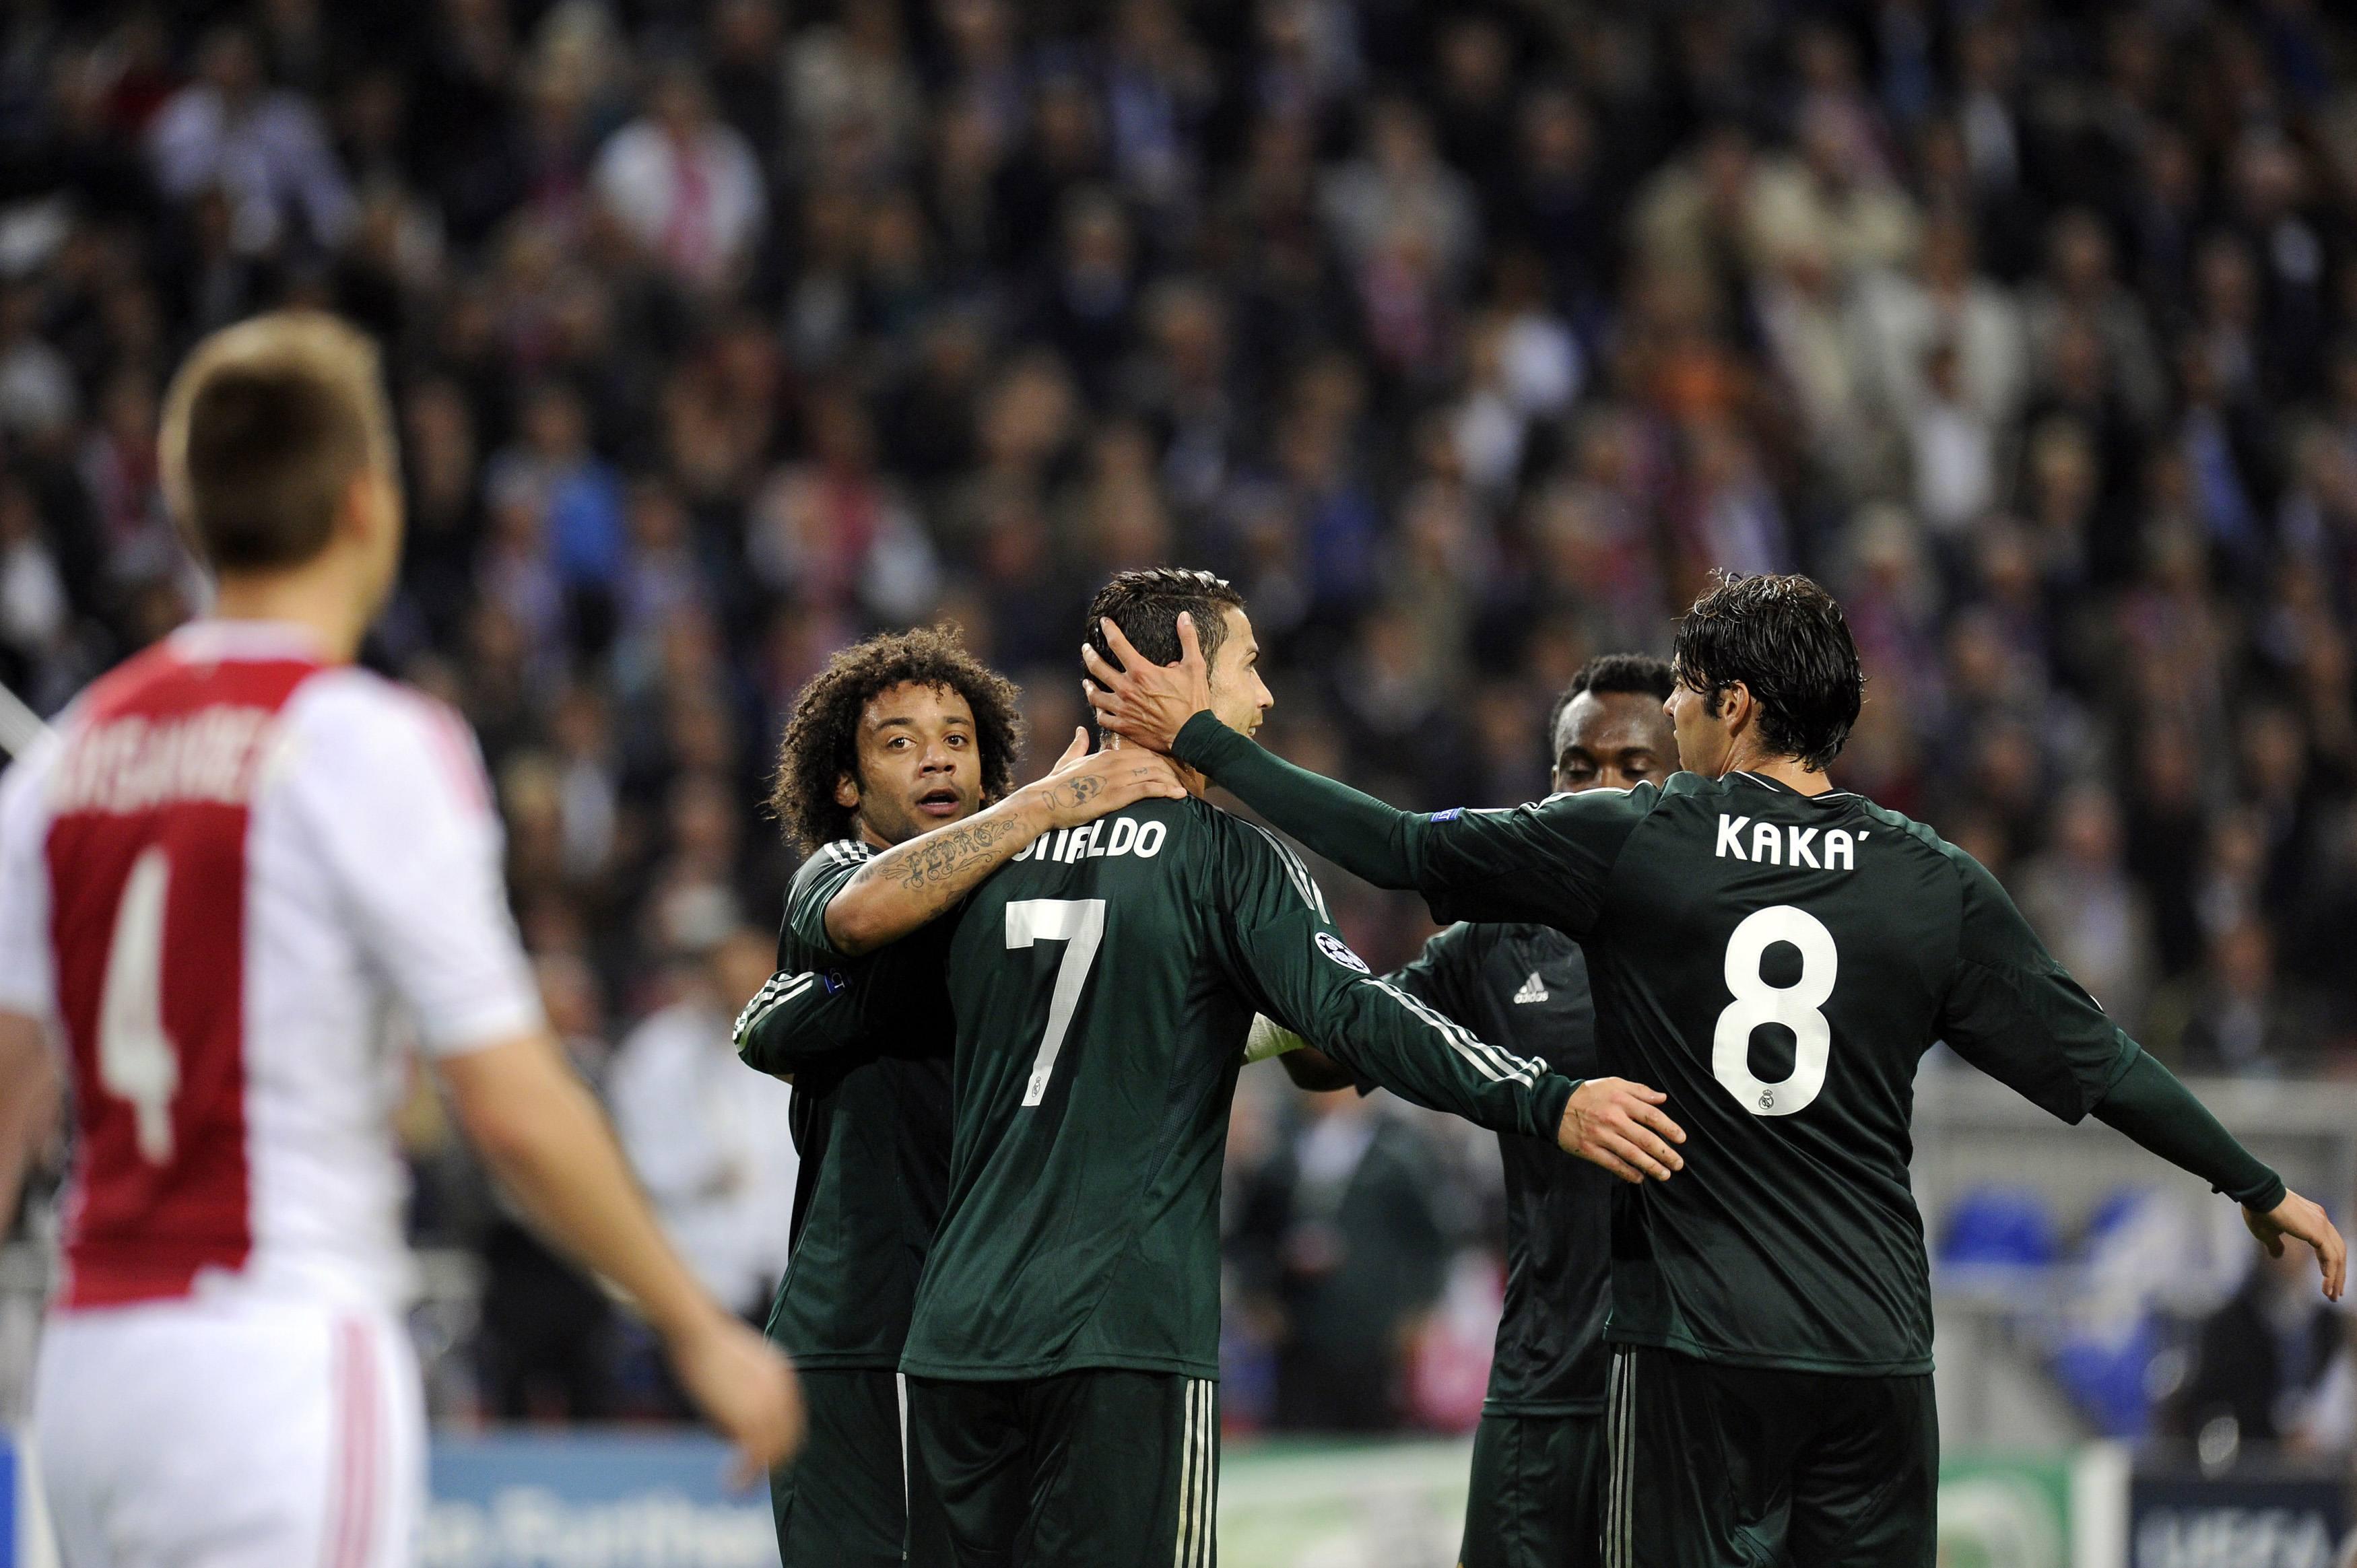 Ajax Vs Madrid: PHOTOS: Ajax 1-4 Real Madrid (Kaka)